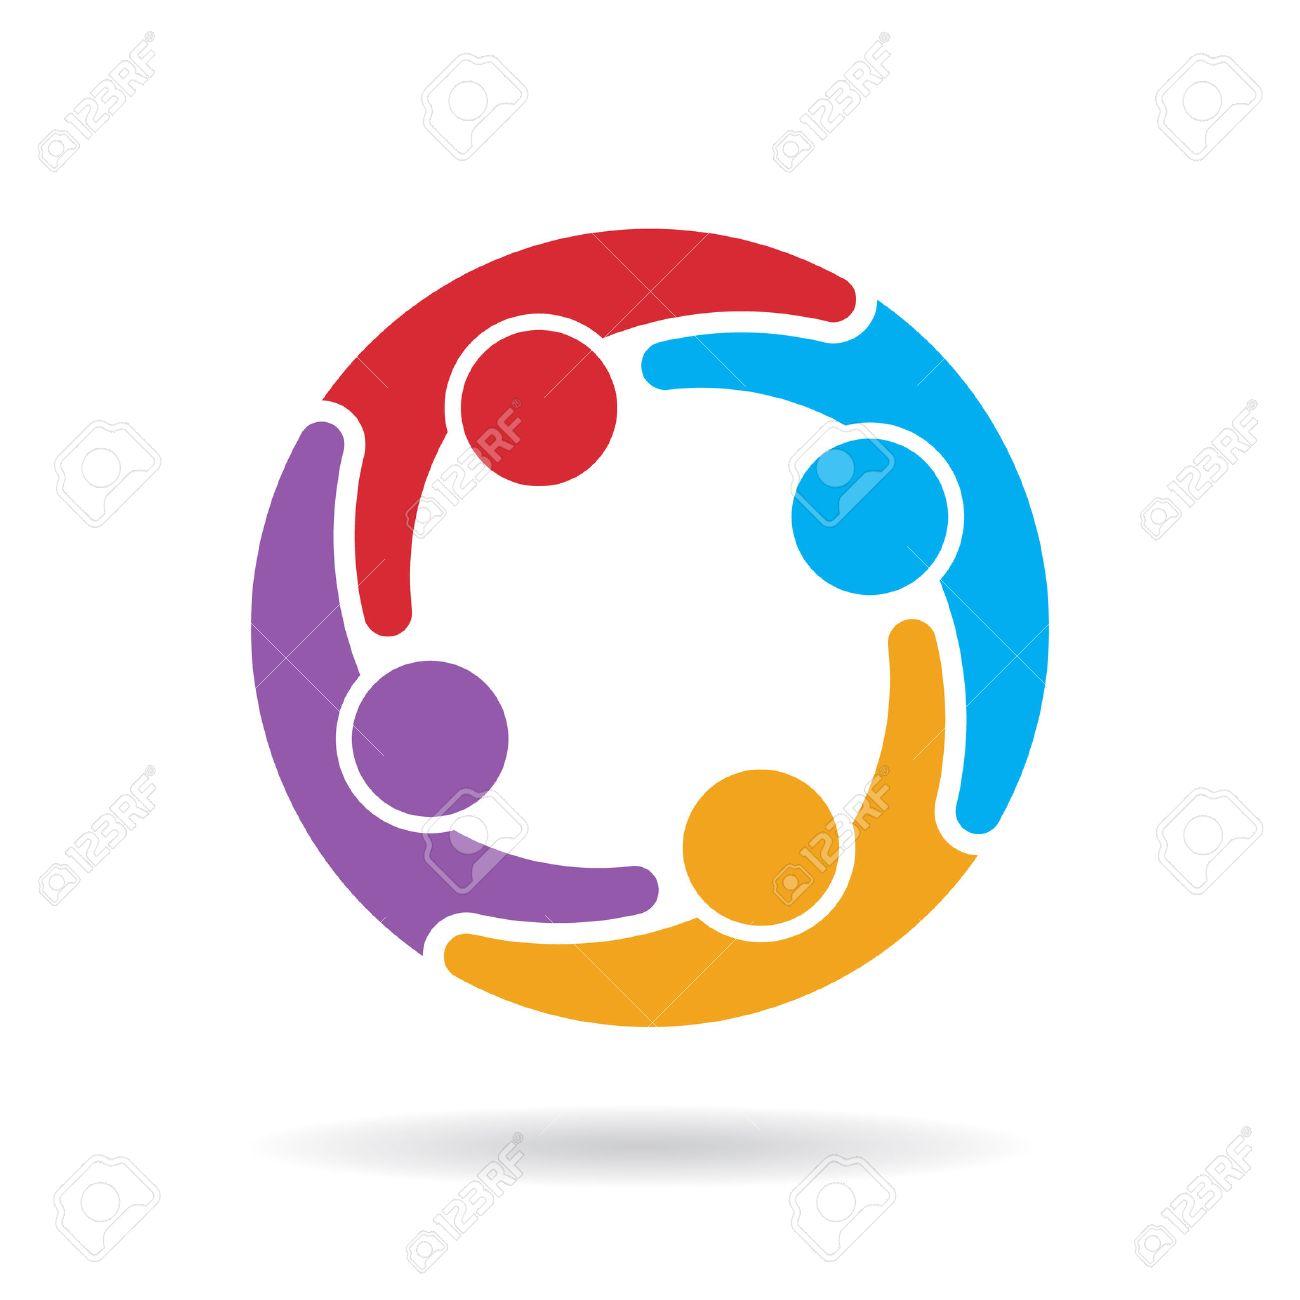 Social media network logo - 45795181